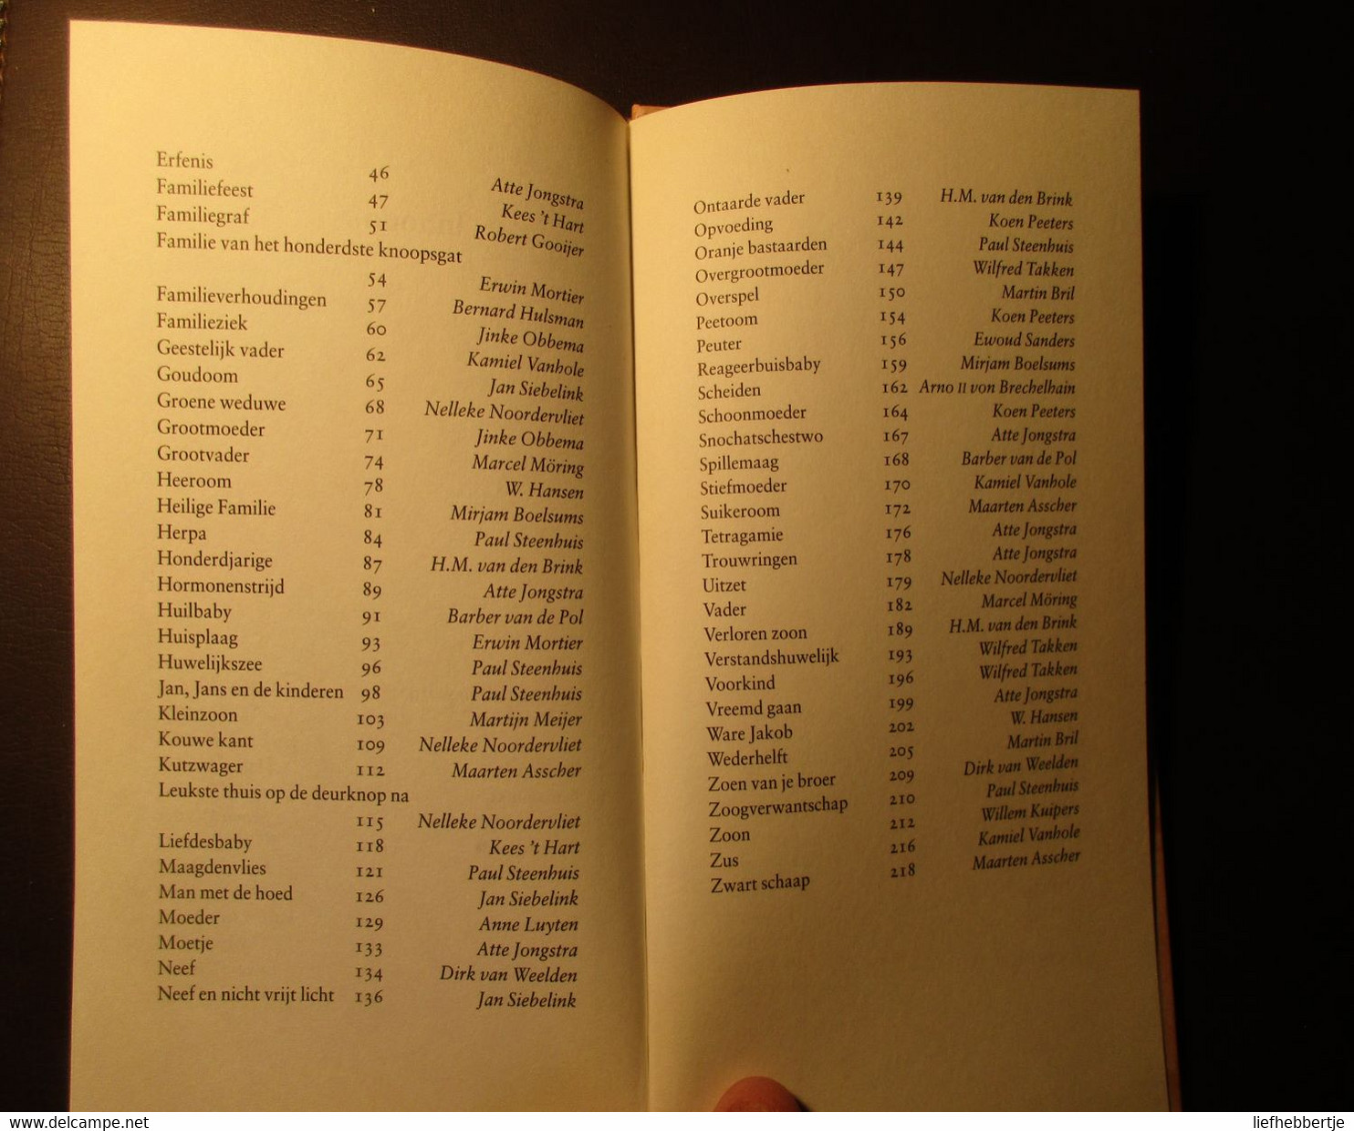 Familiewoordenboek - Van Aardje Naar Zijn Vaartje Tot Zwart Schaap - 1999 - Folklore Spreuken Gezegden - Dictionaries